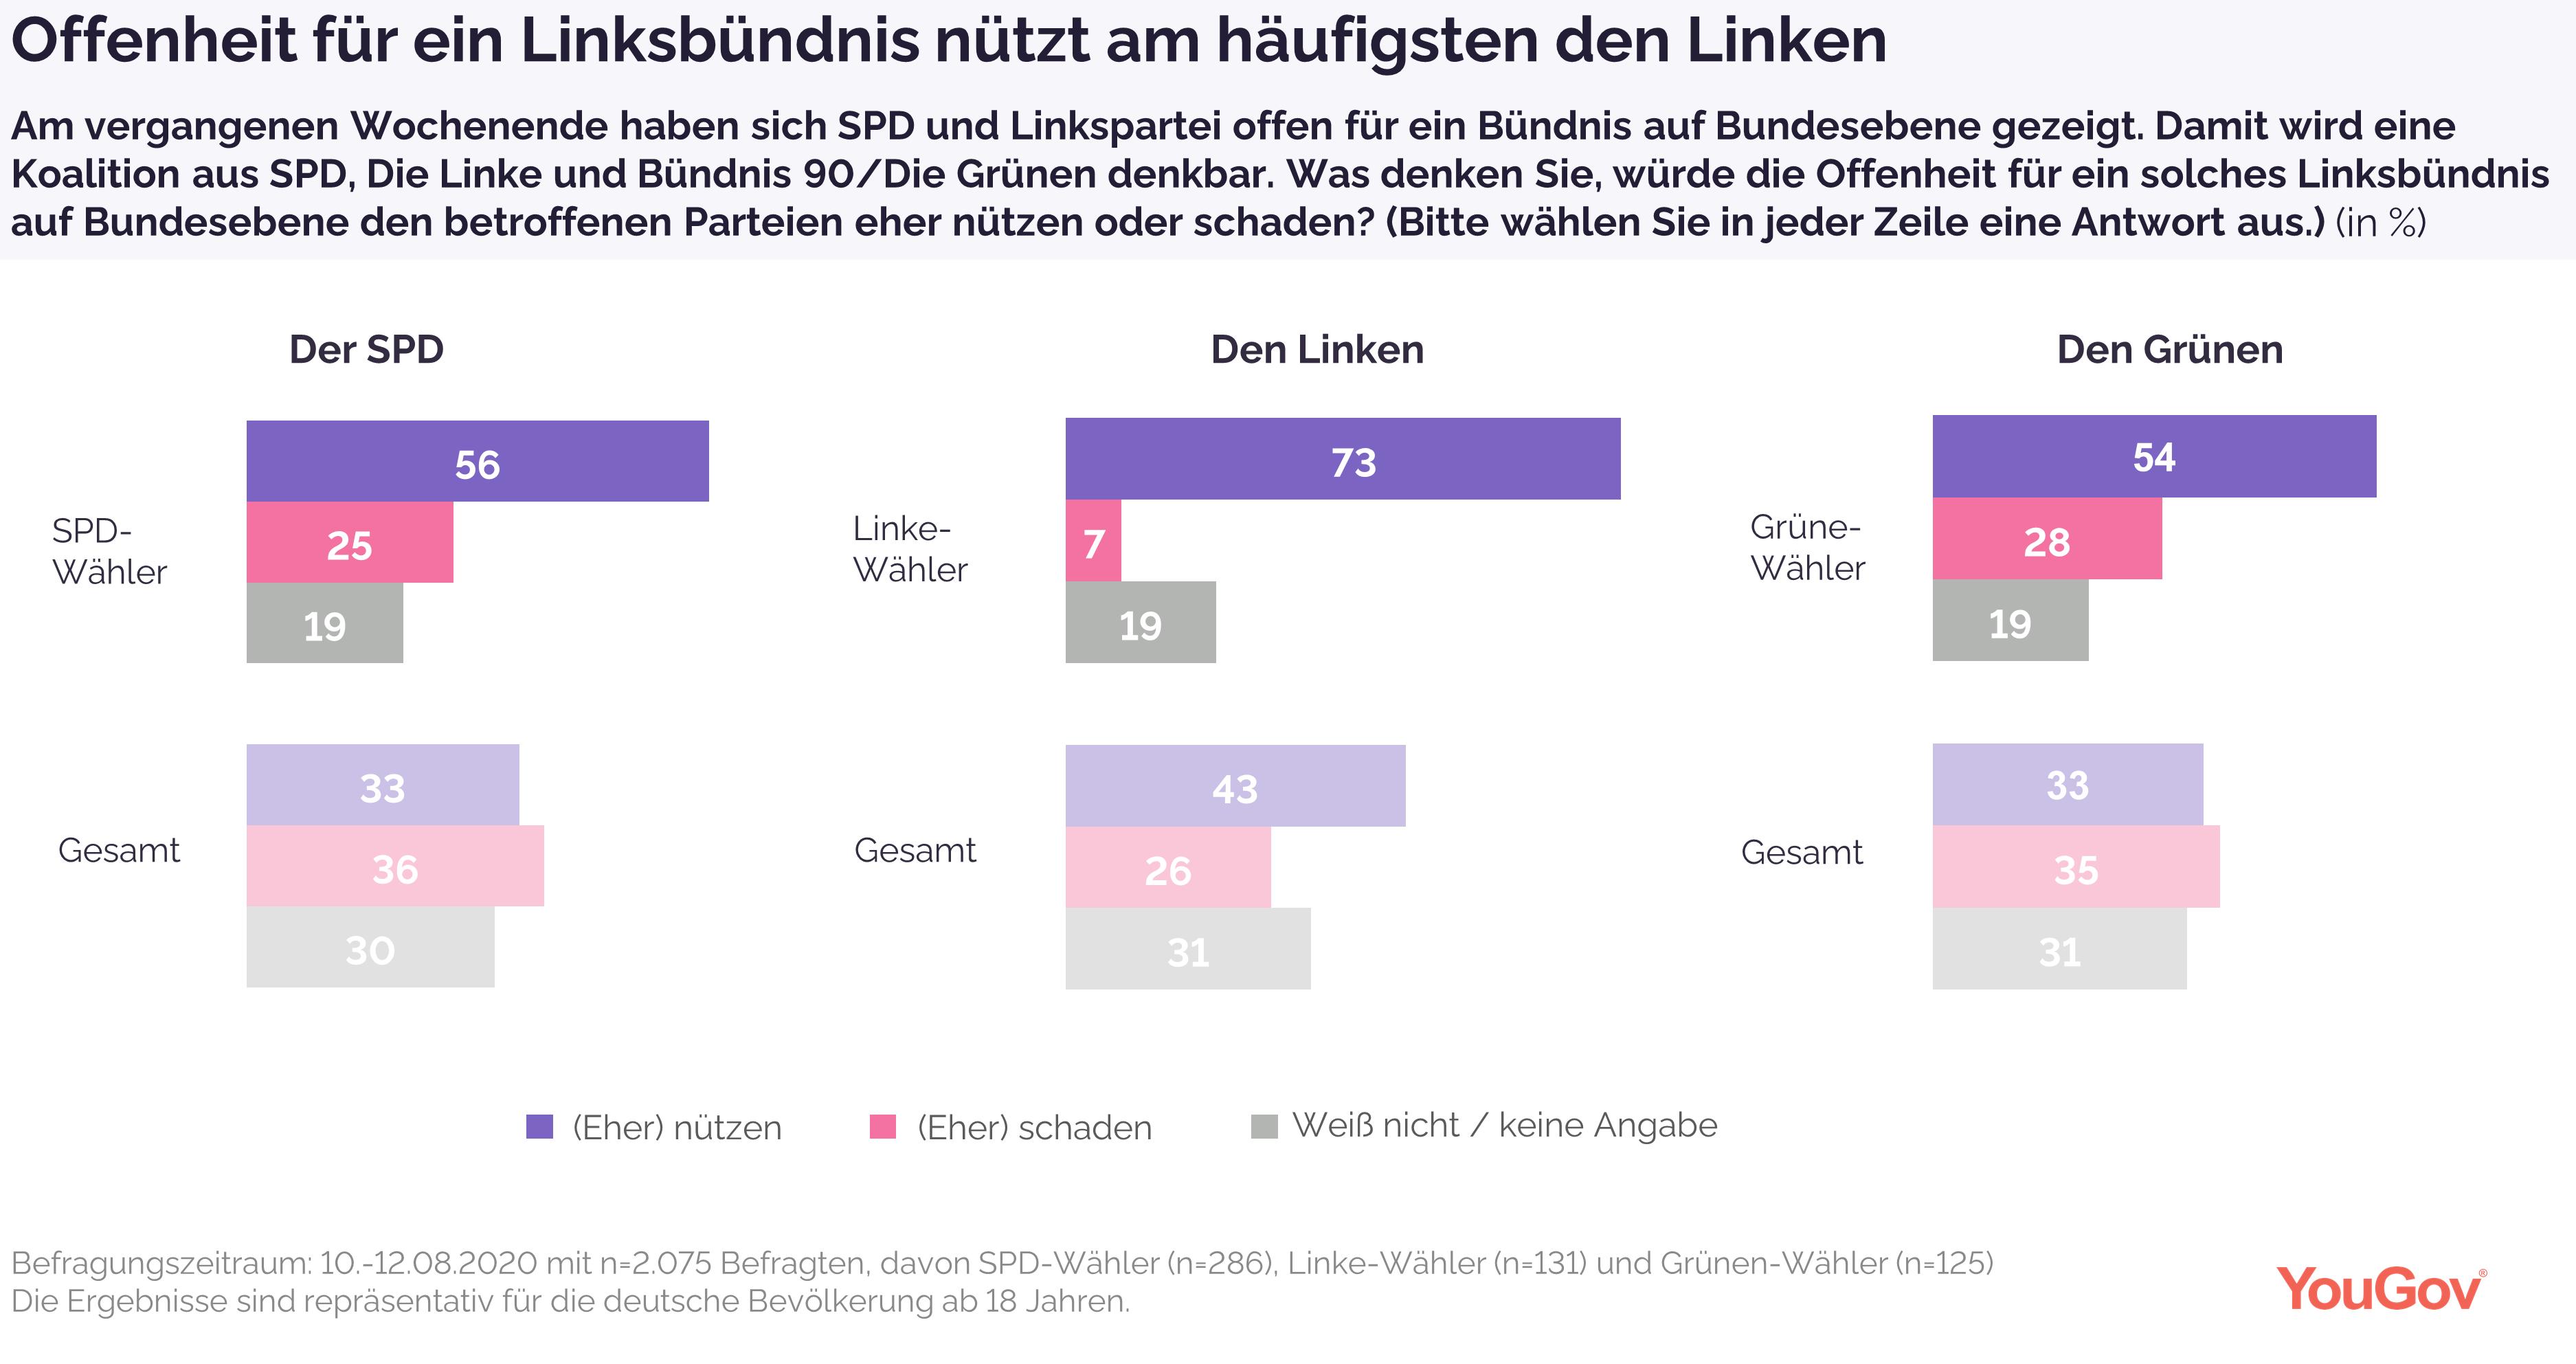 Linksbündnis nützt am häufigsten der Linken